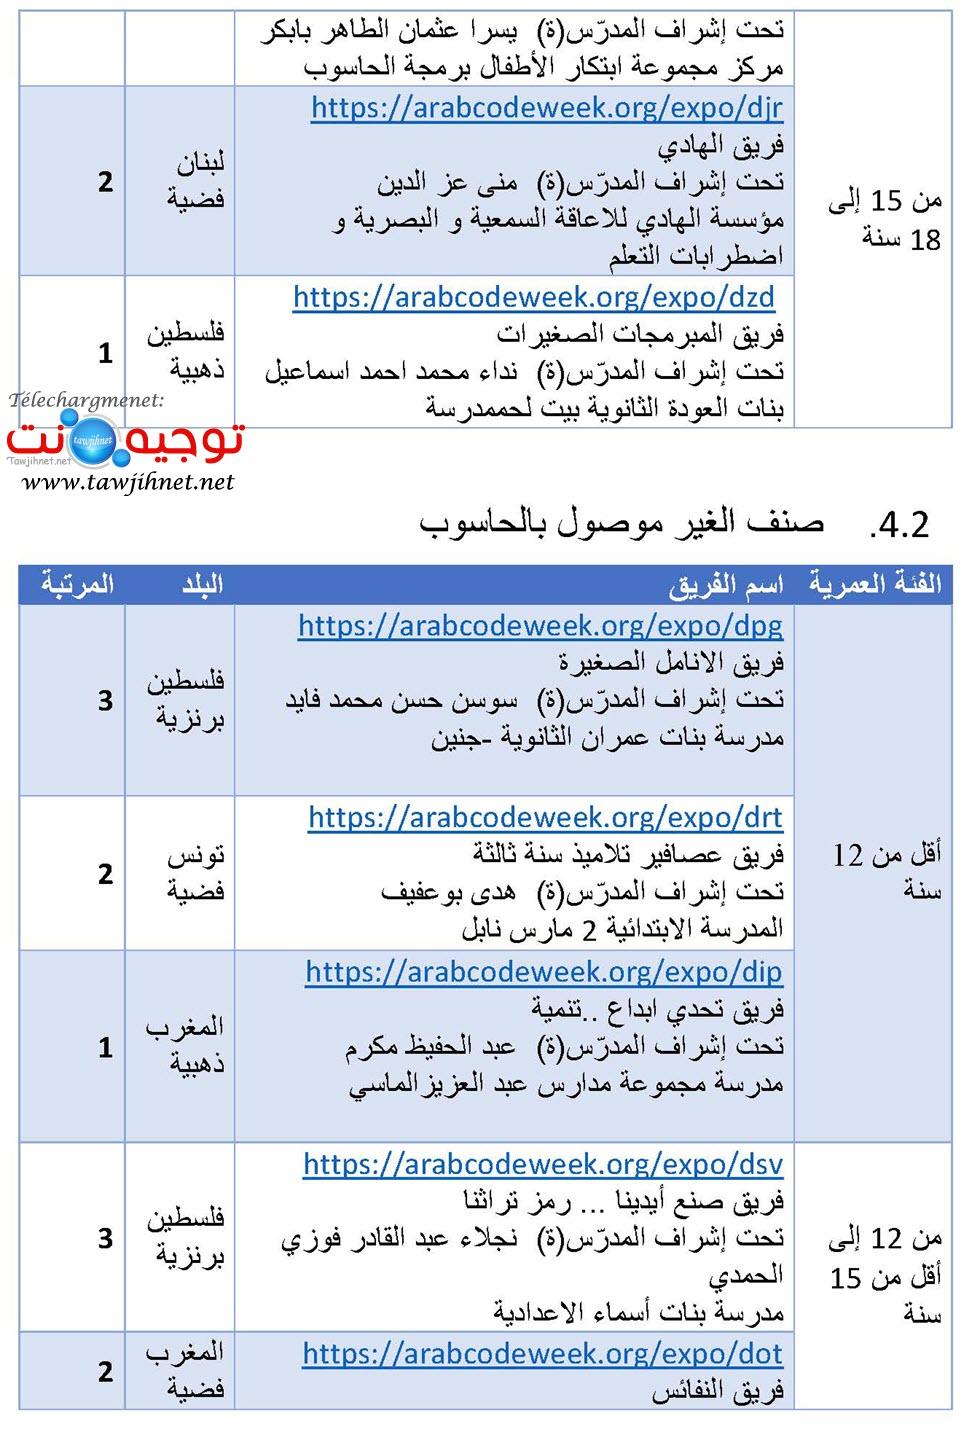 نتائج المسابقة العربية للبرمجة الالسكو_Page_4.jpg